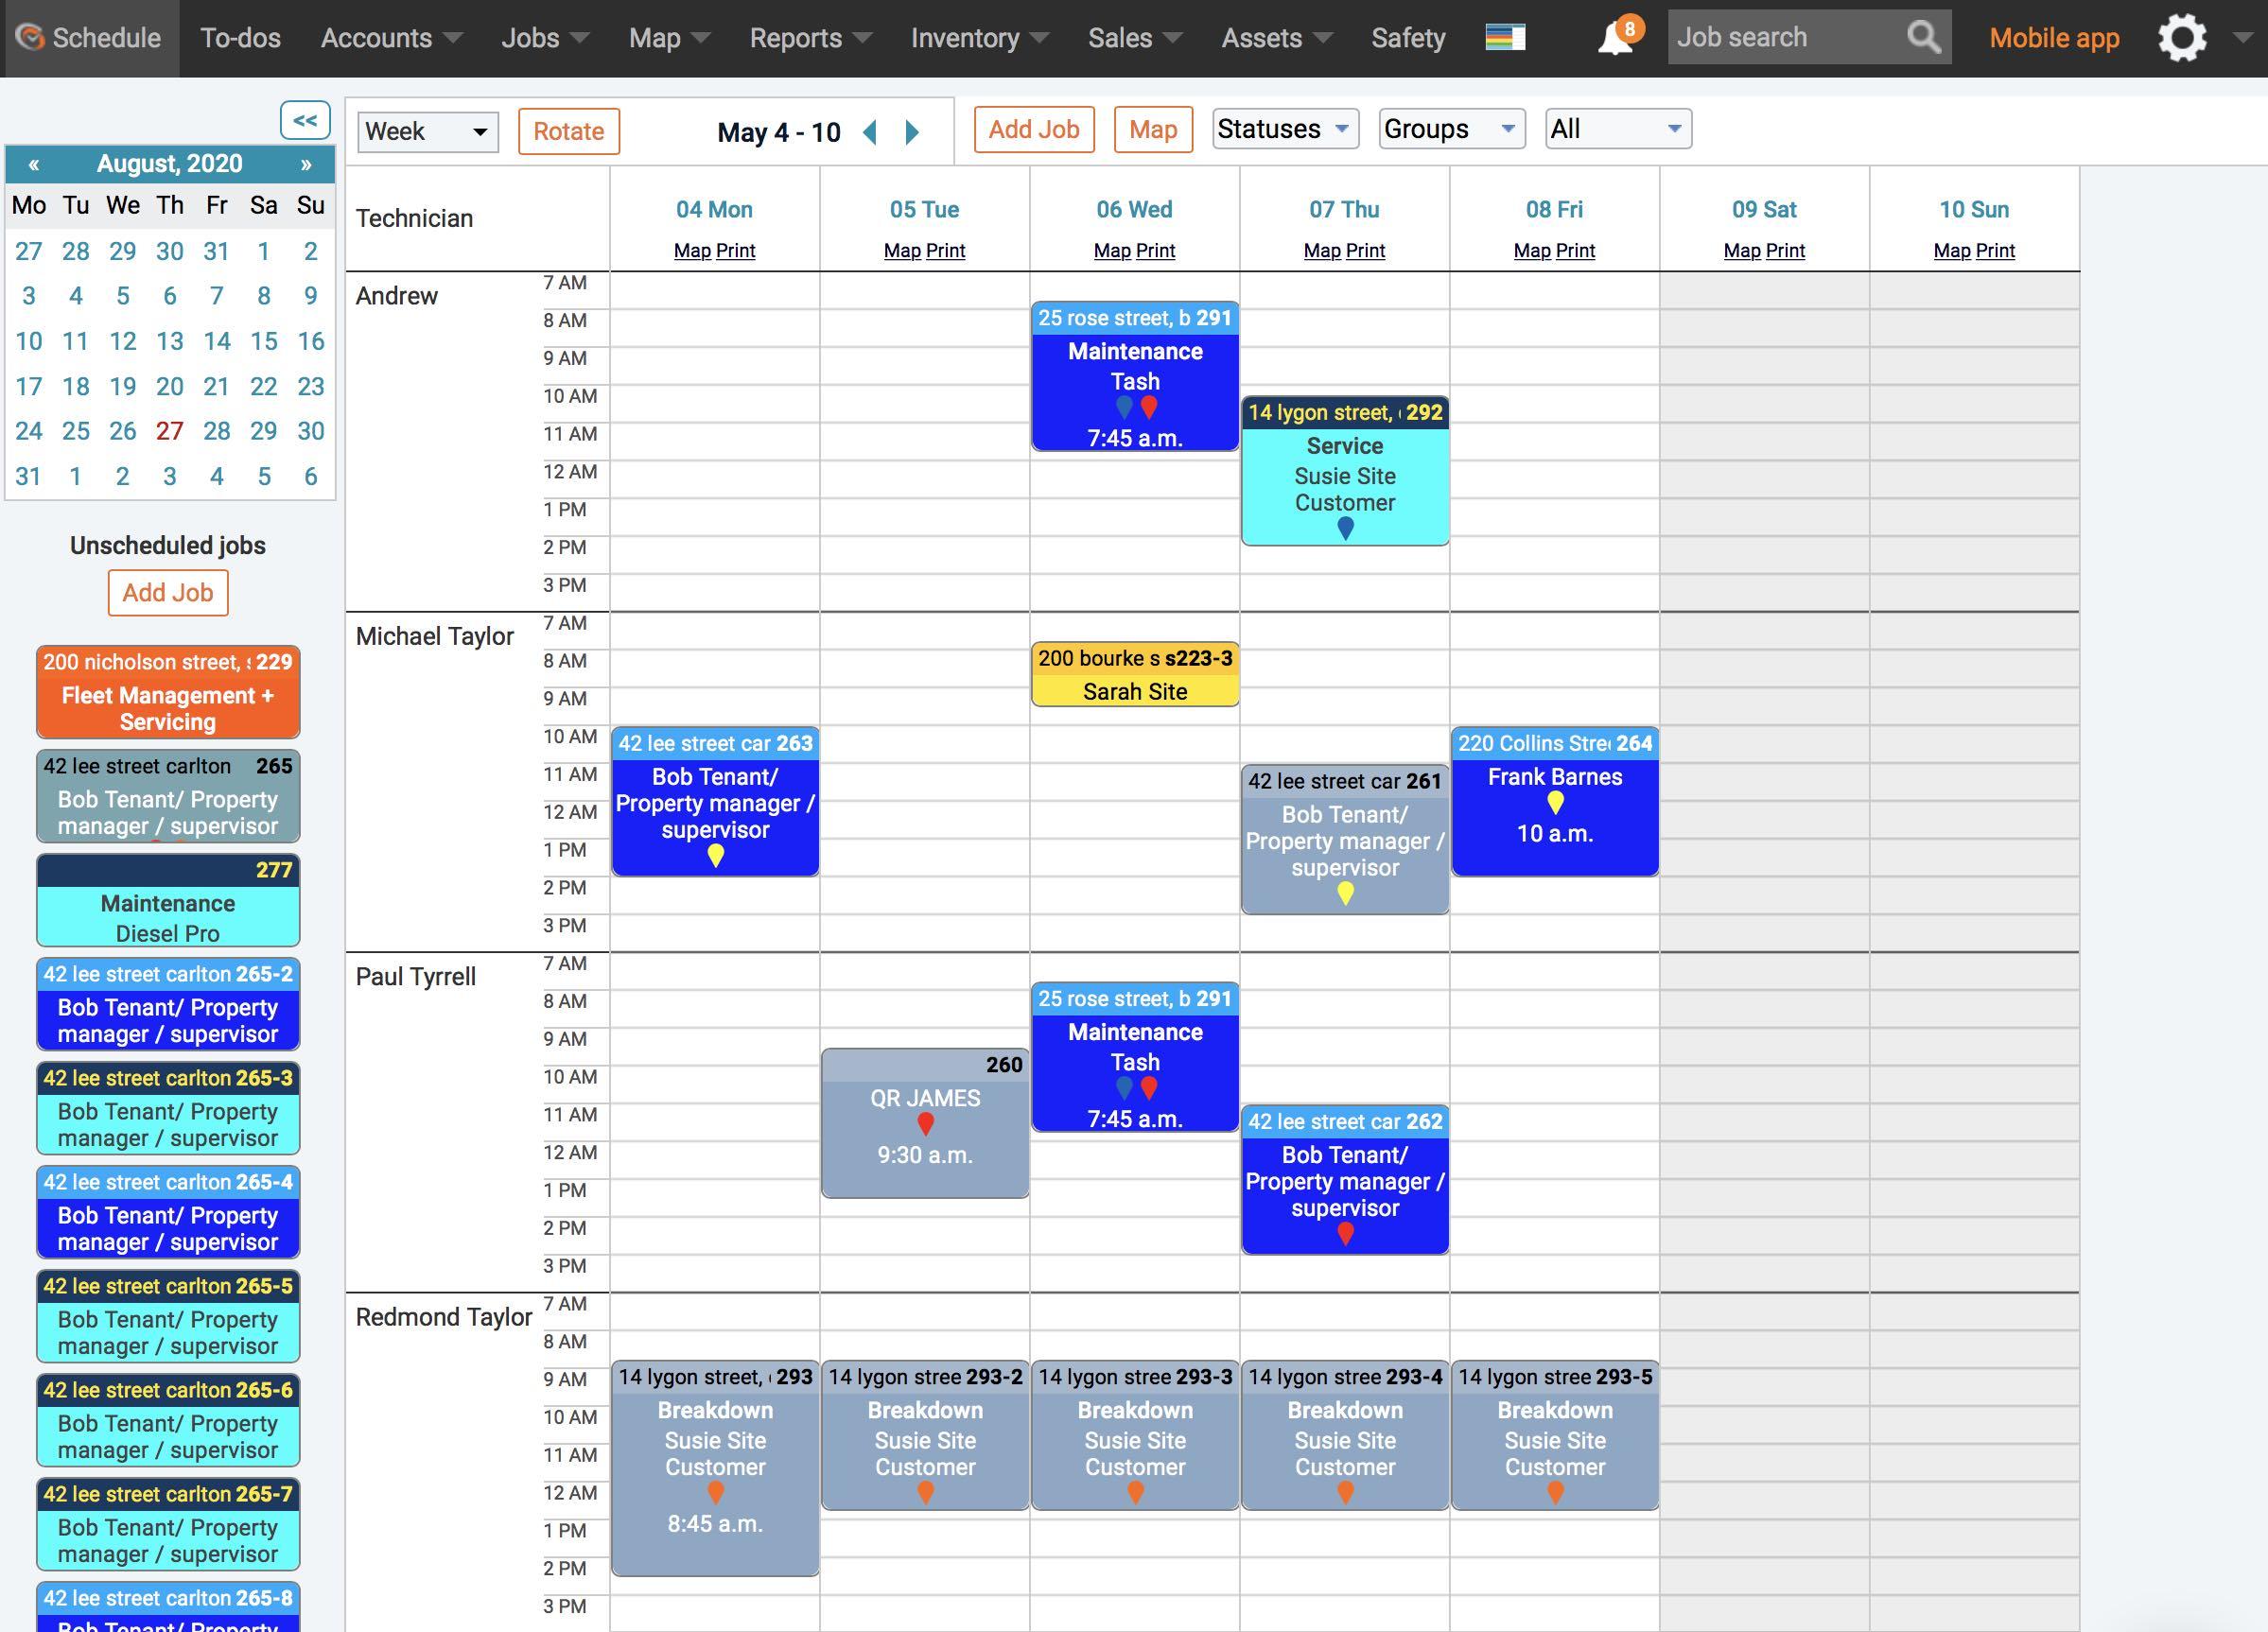 Smooth the Calendar